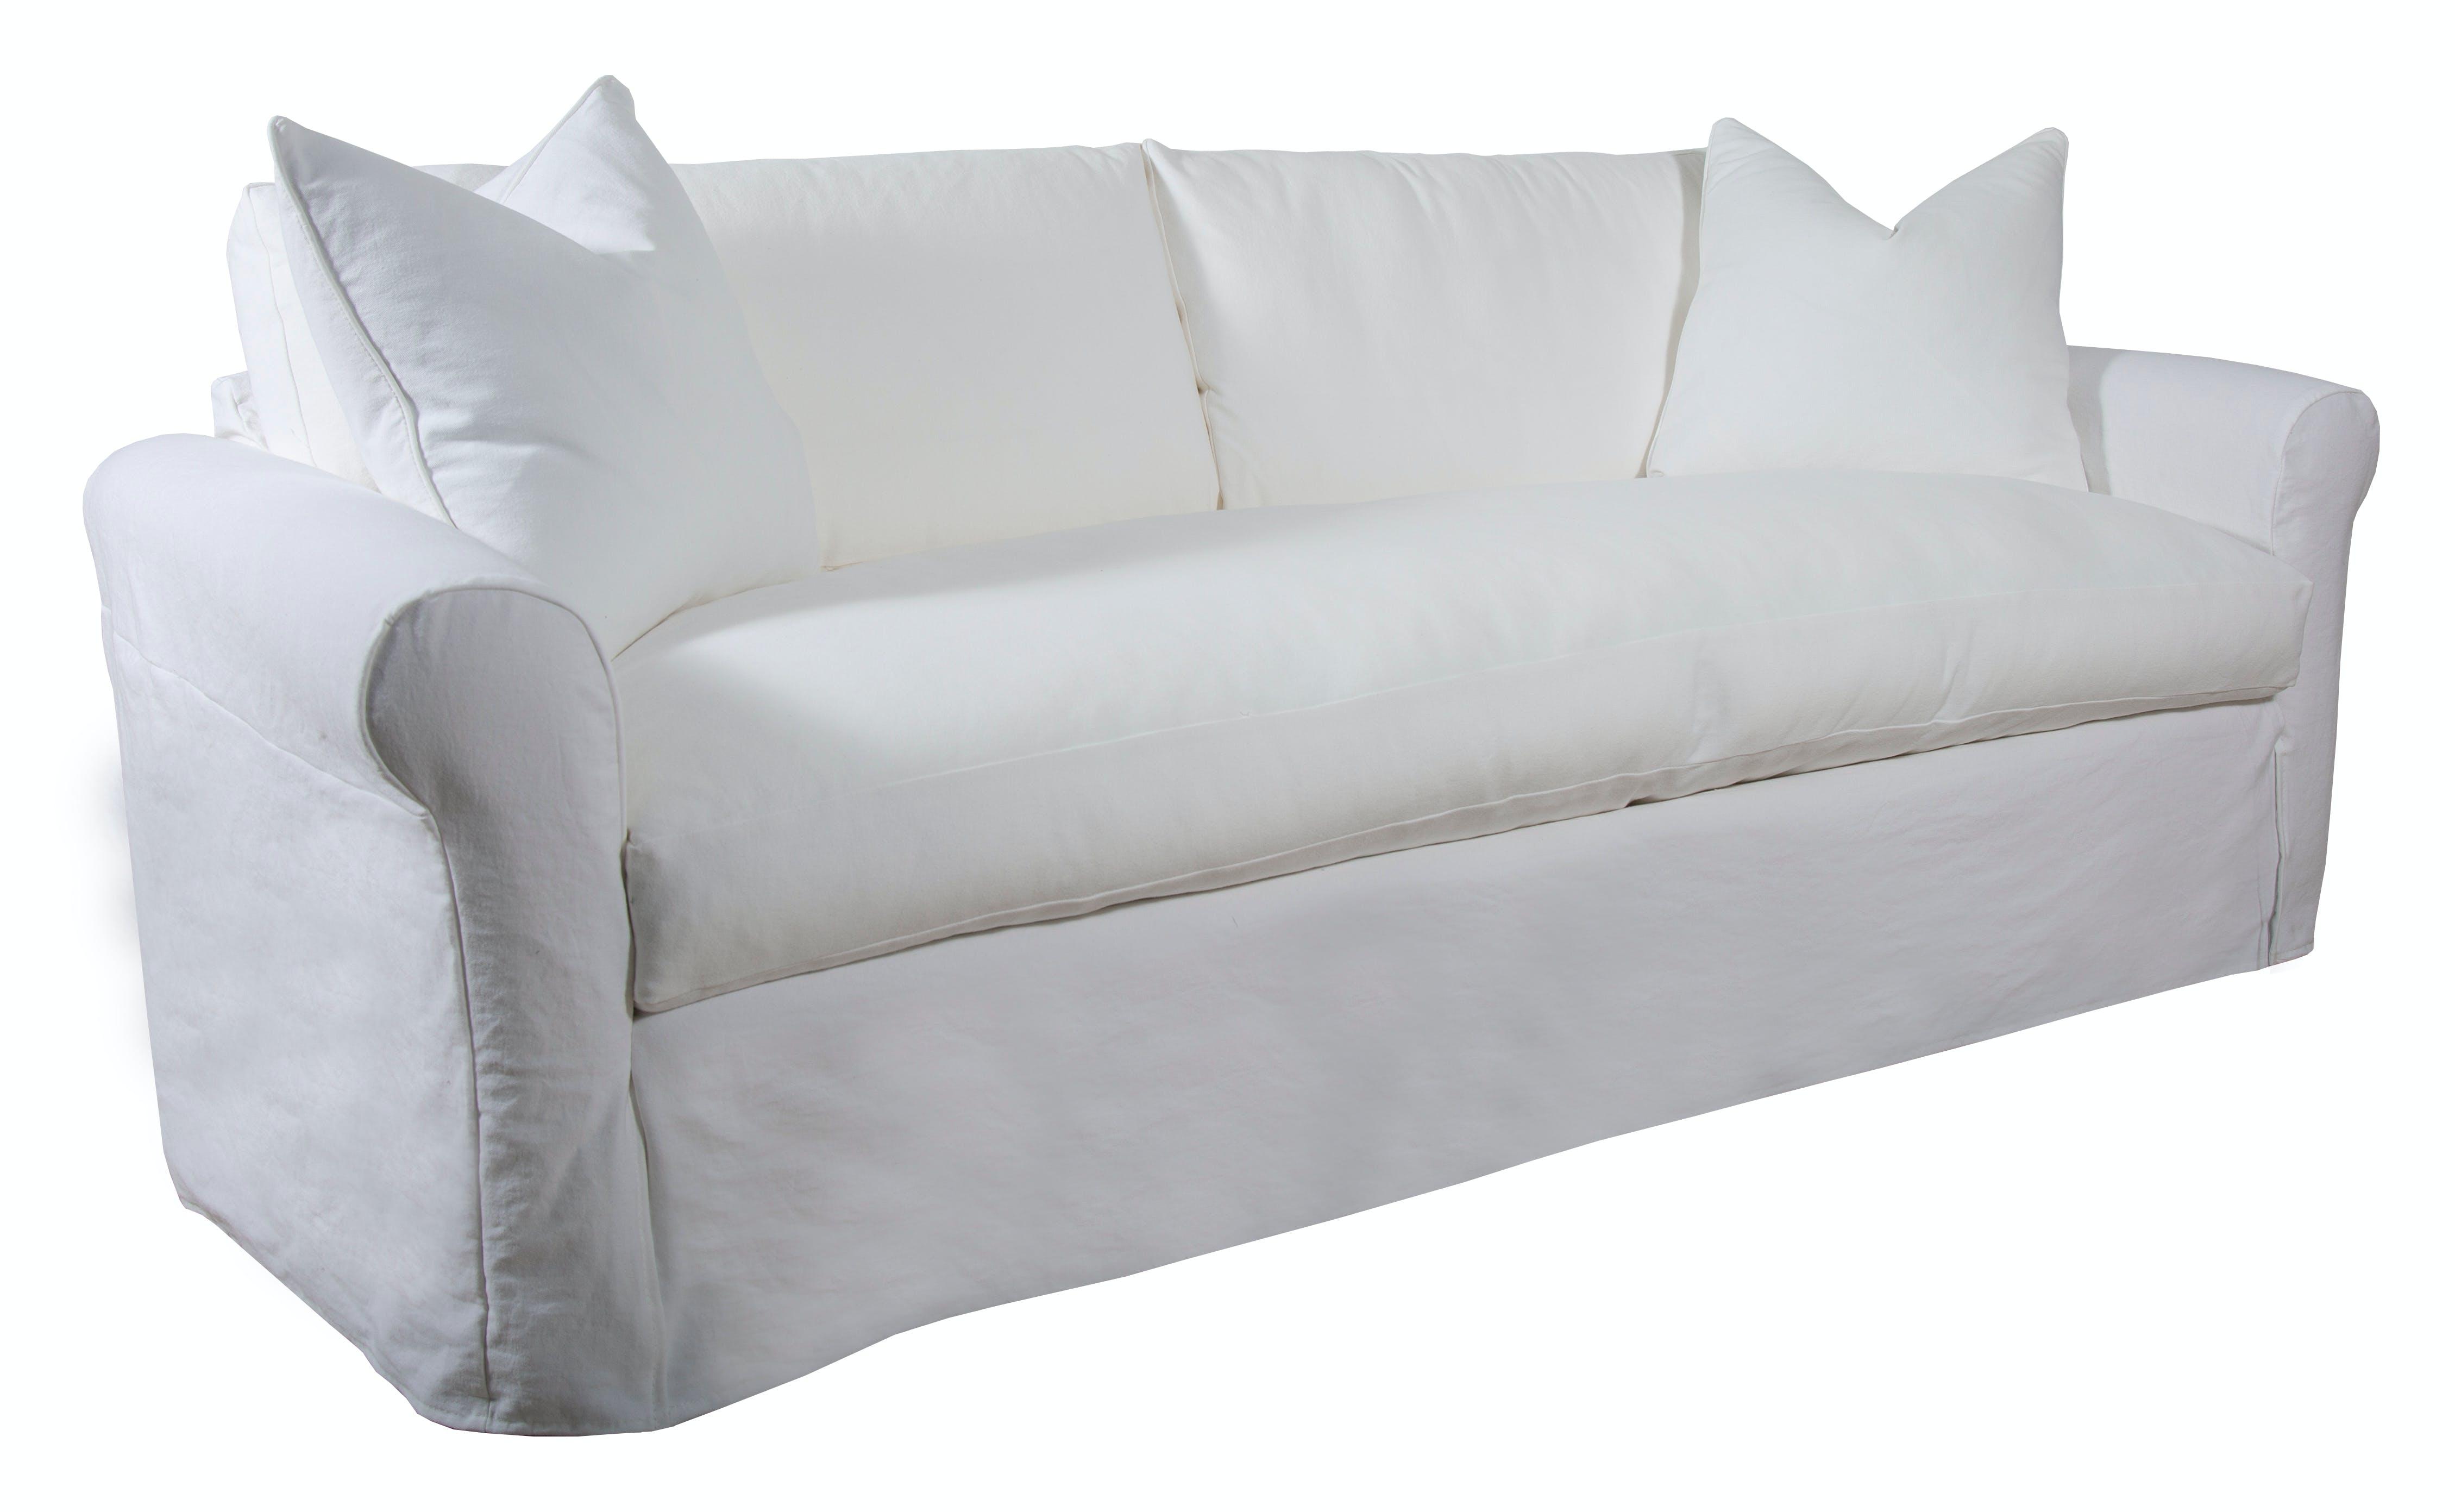 Capris Living Room King Slipcover Sofa Standard Depth K5315 Silk Greenery Home Store St